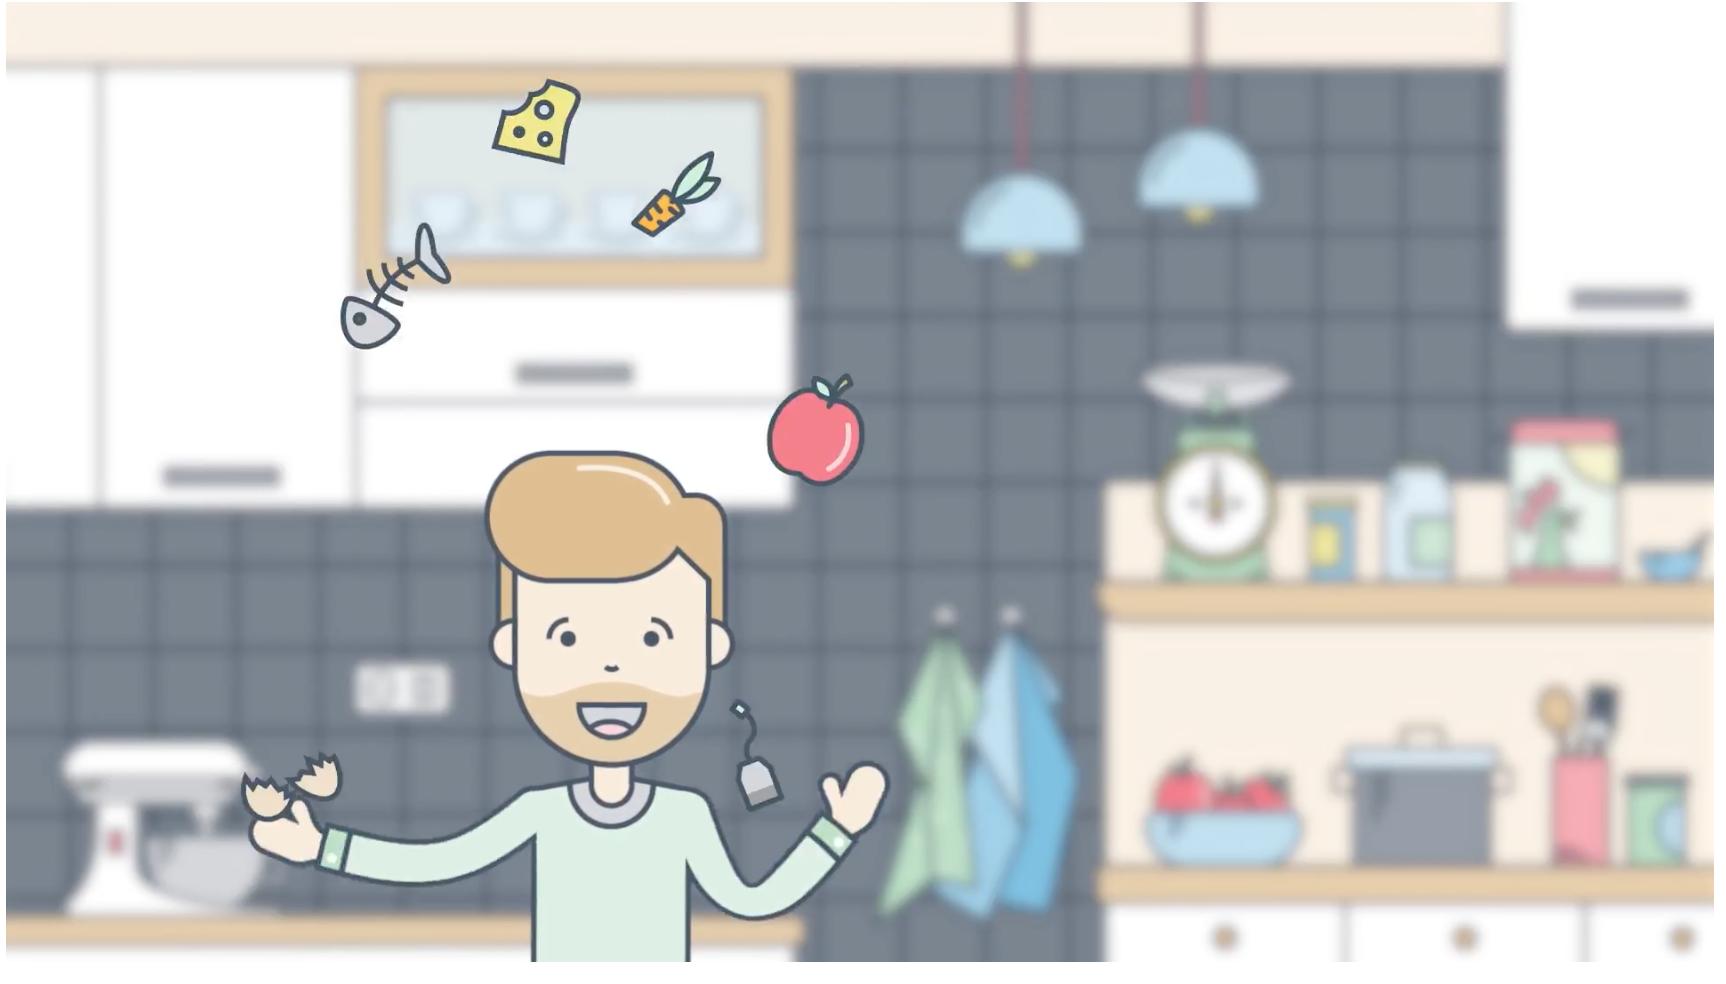 Palle jonglerer med madaffald i denne animationsfilm.